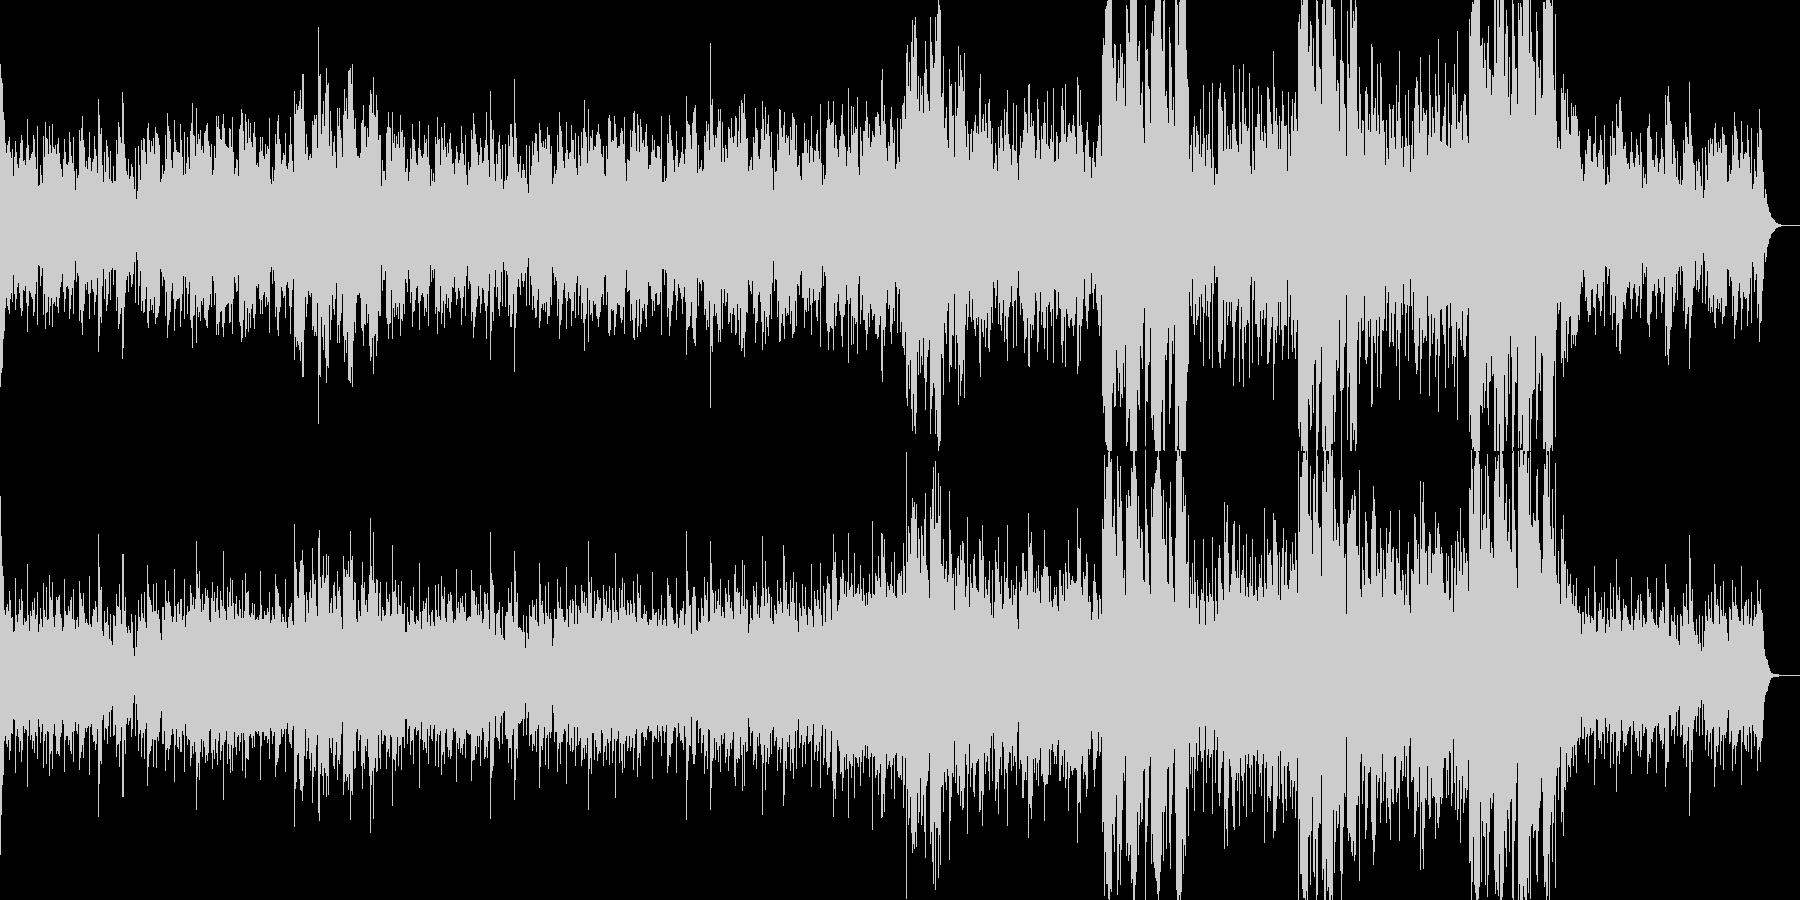 不穏な雰囲気のエスニックサウンドトラックの未再生の波形